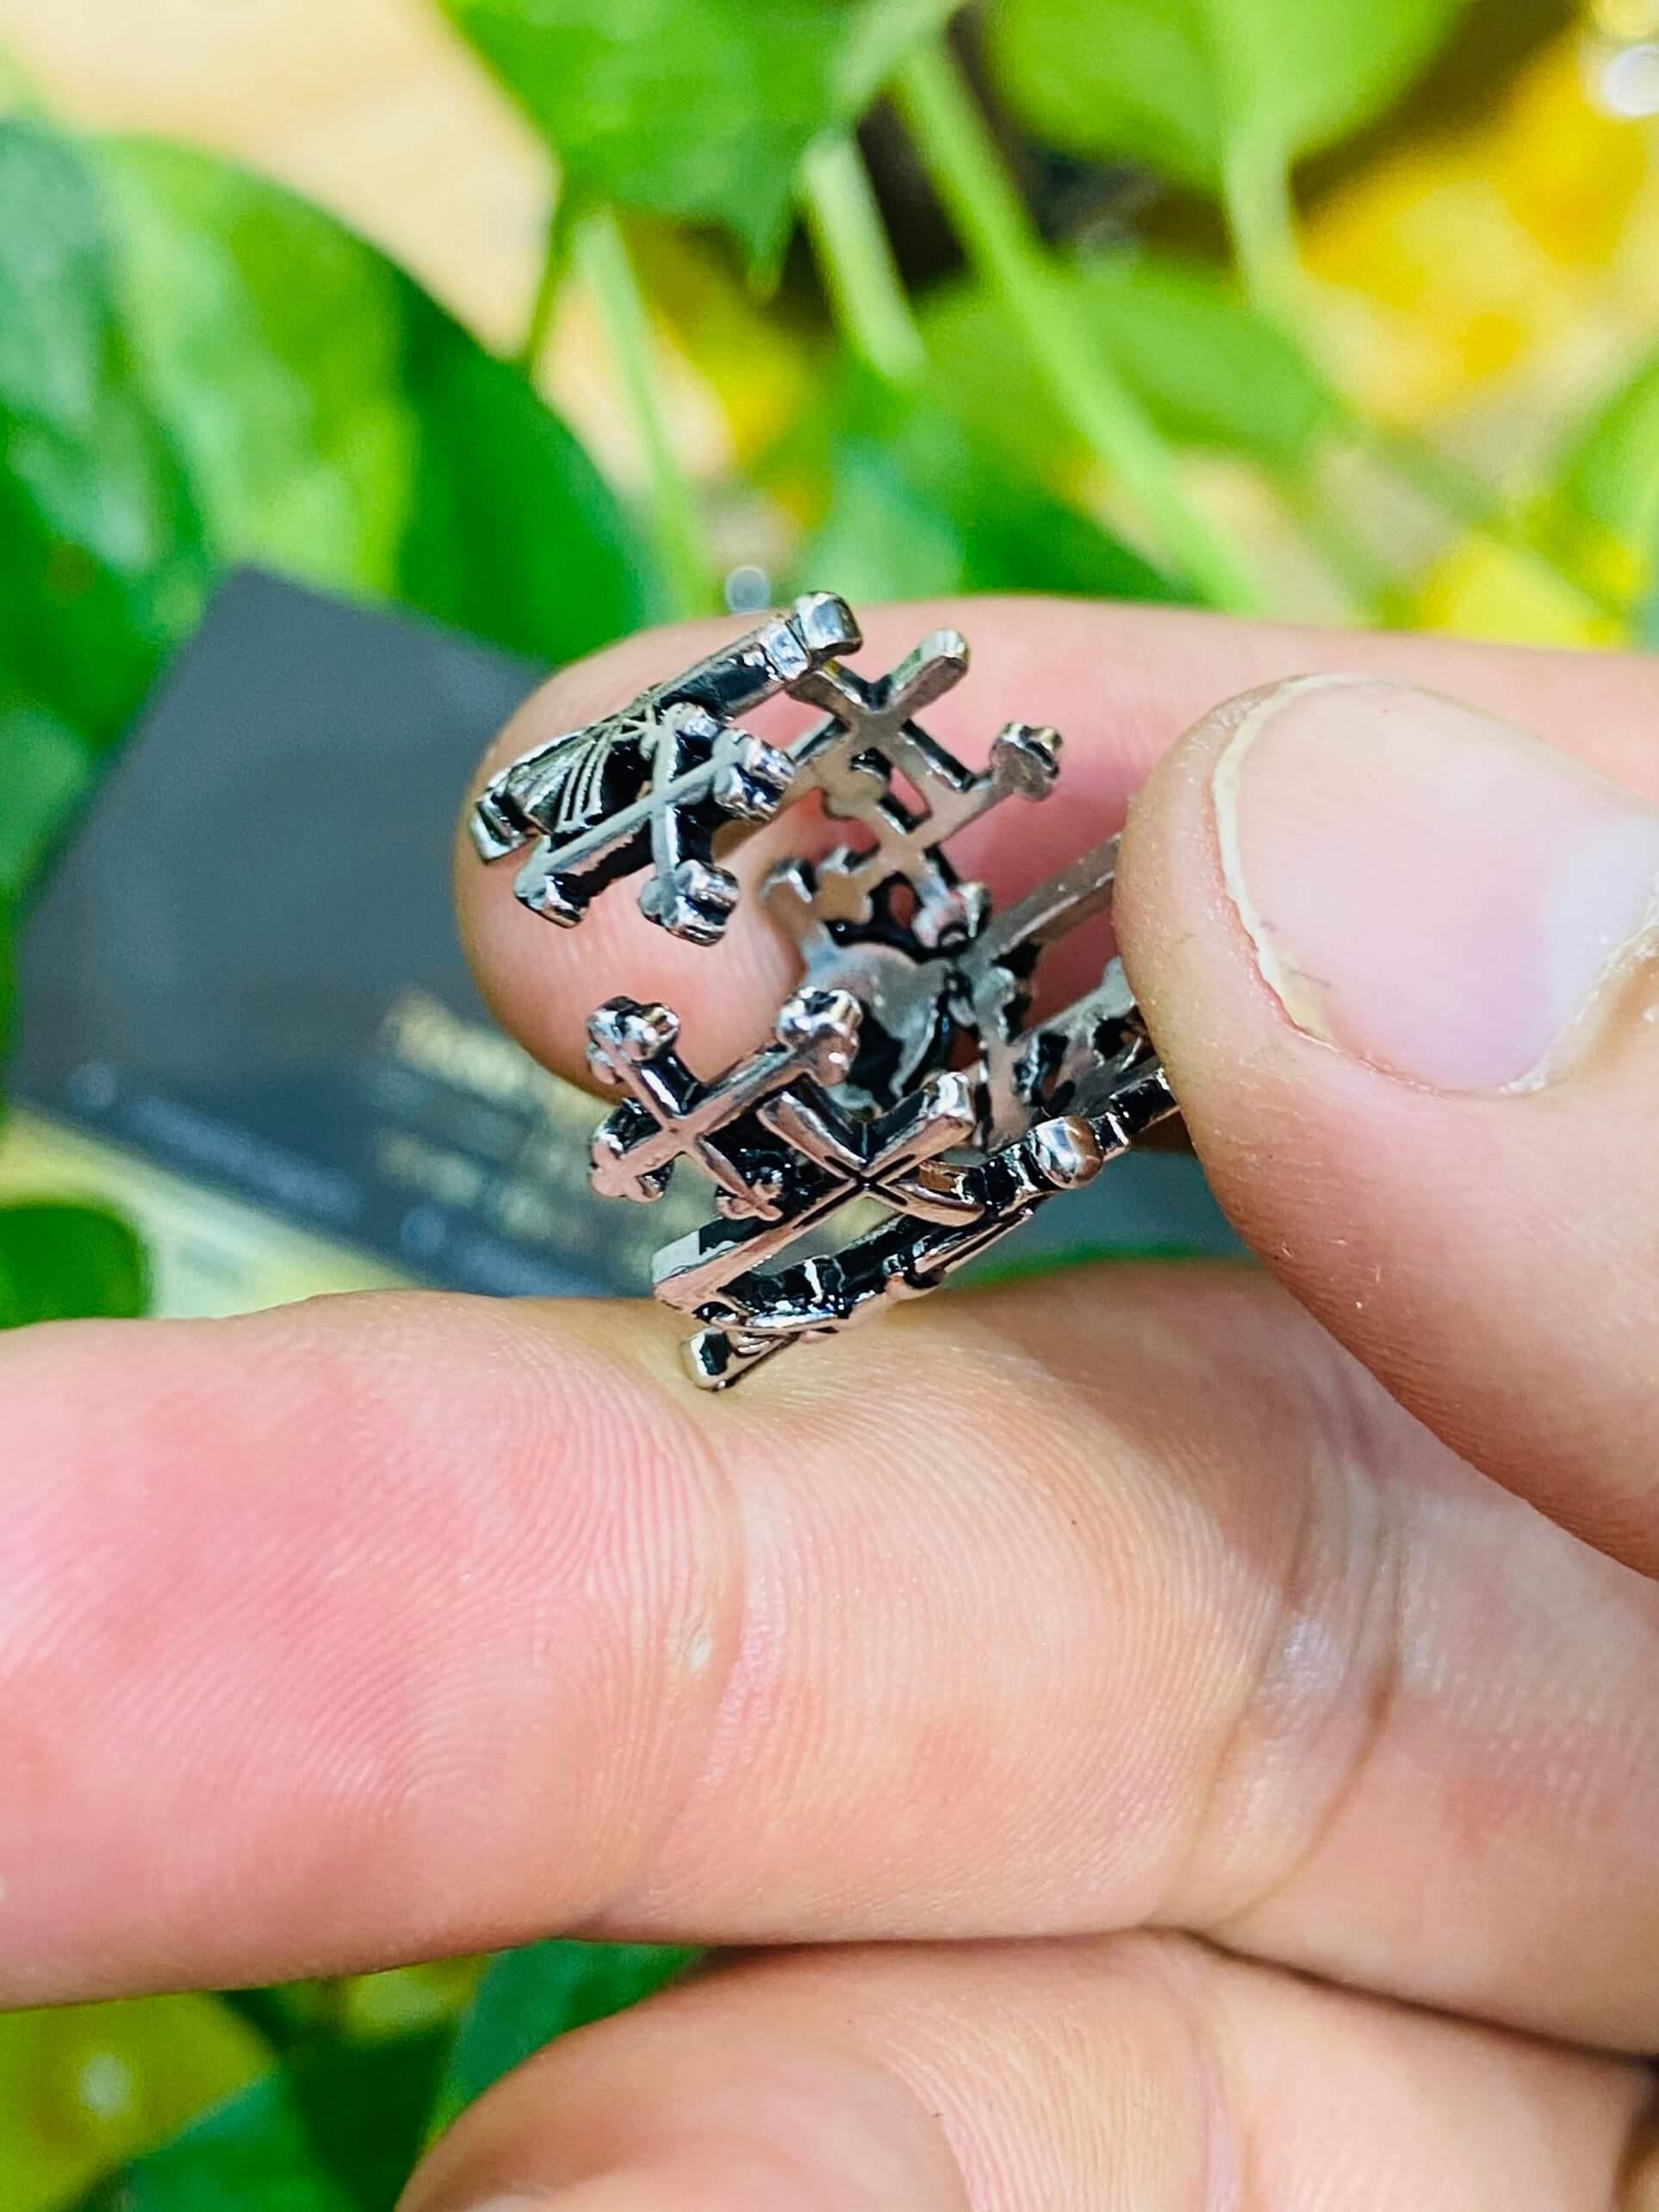 Hãy để Riogems tô điểm đôi tay bạn bằng nhẫn Thánh Giá bạc cao cấp